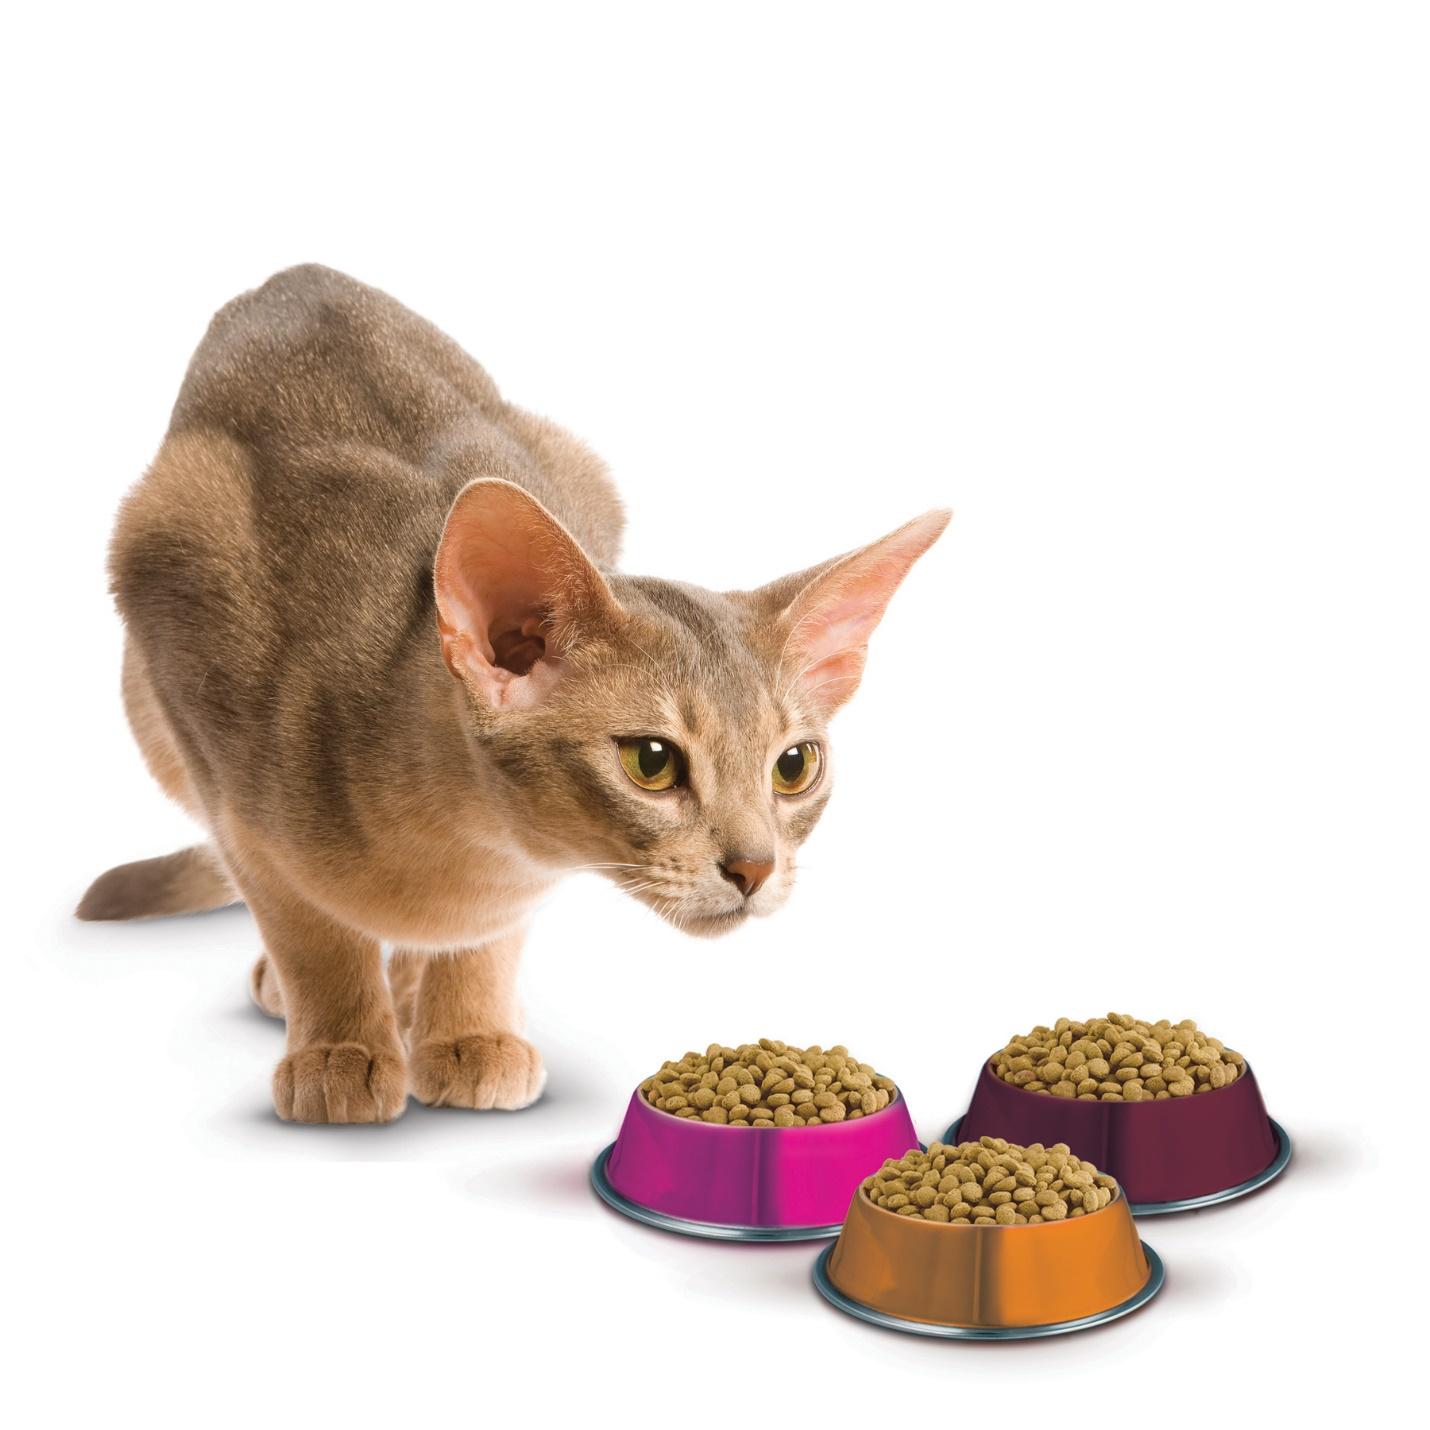 Сколько раз в день лучше кормить кошку